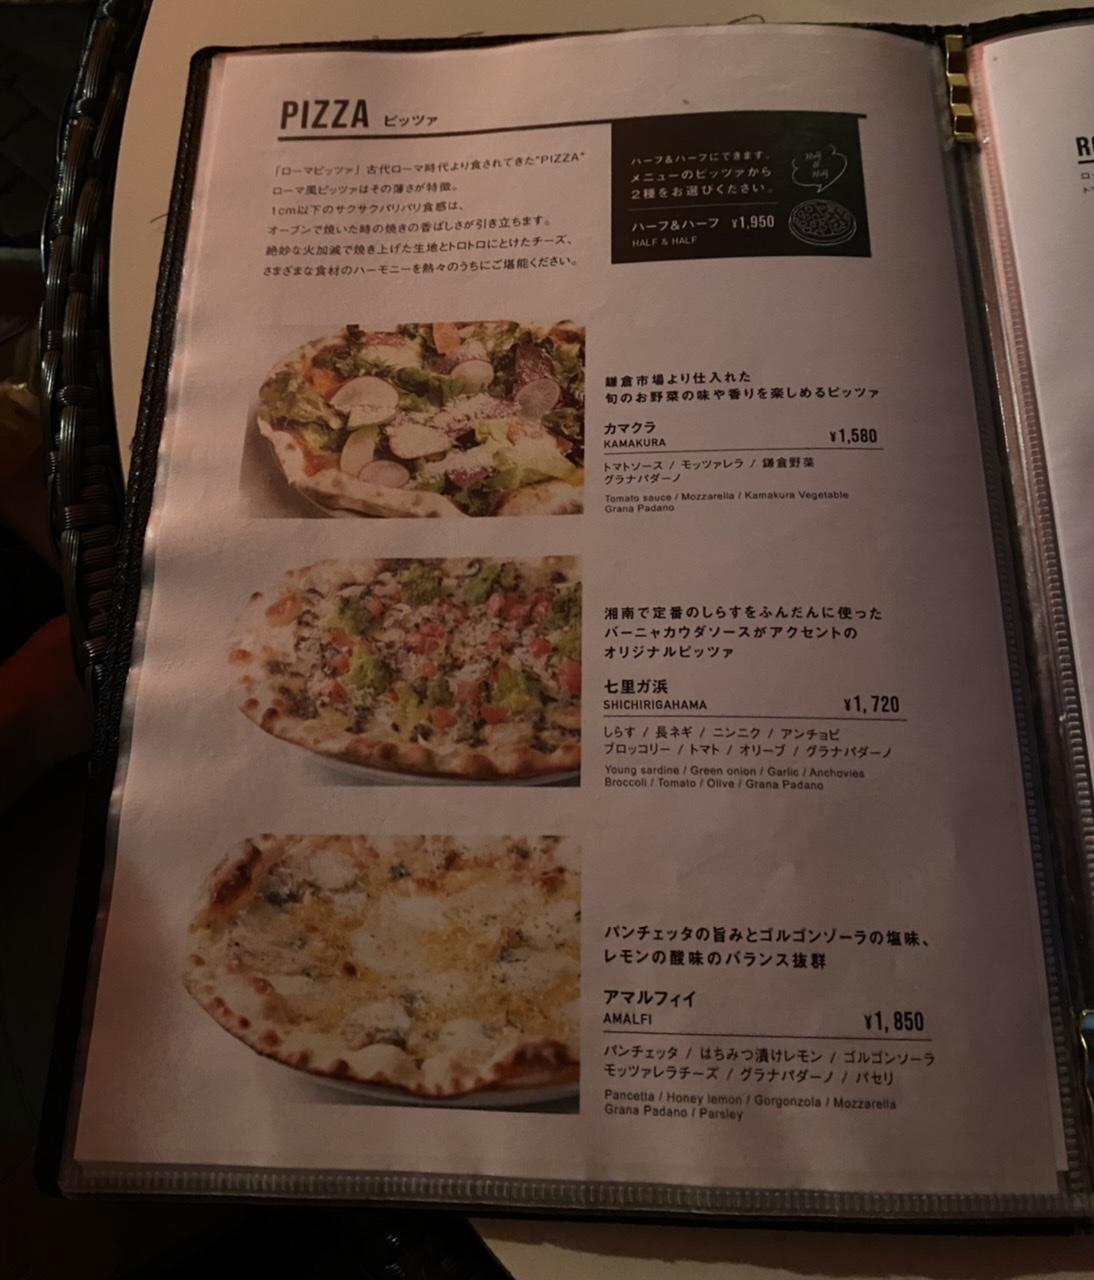 【七里ヶ浜ディナー】Amalfi DELLASERAをご紹介♪_8